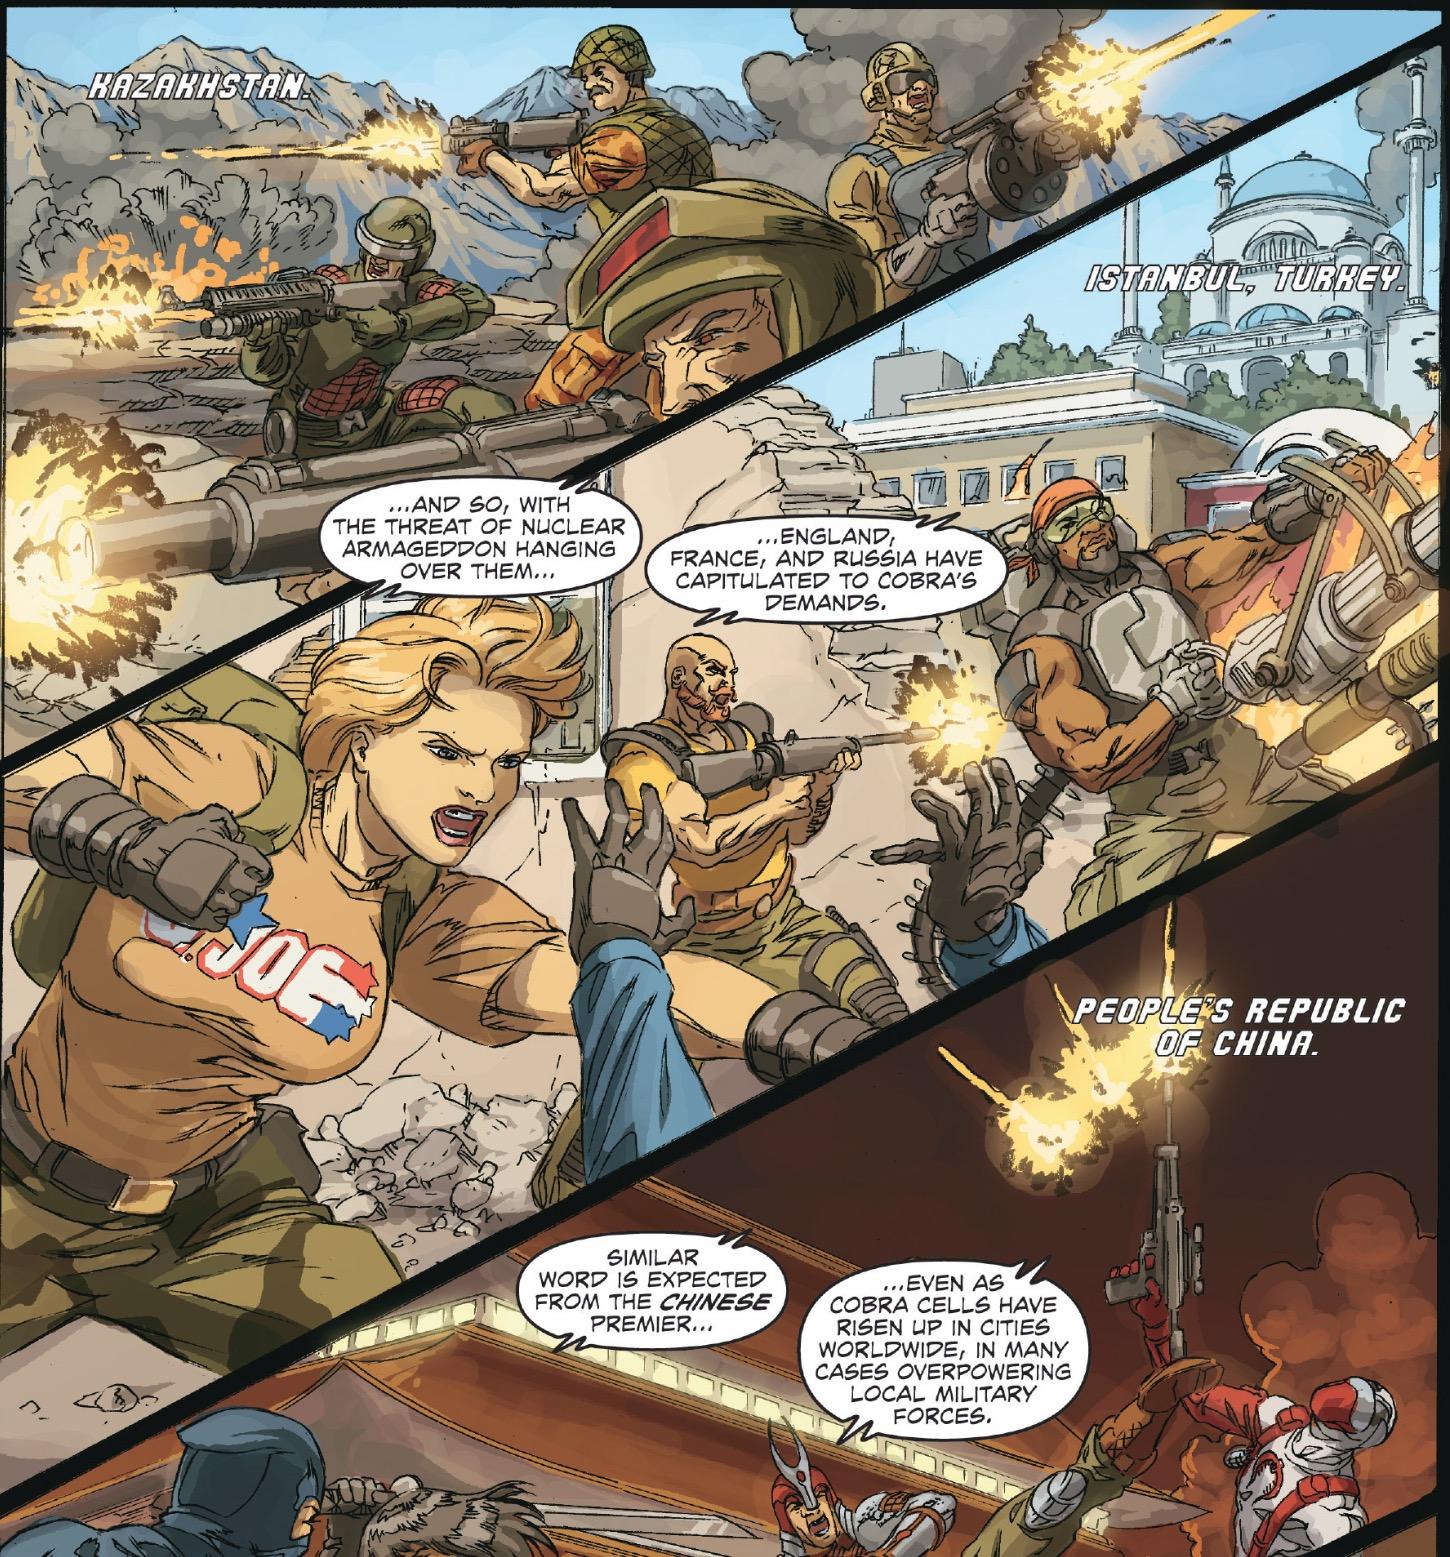 GI Joe 25th Anniversaire Premier Officier supérieur Iron Grenadier